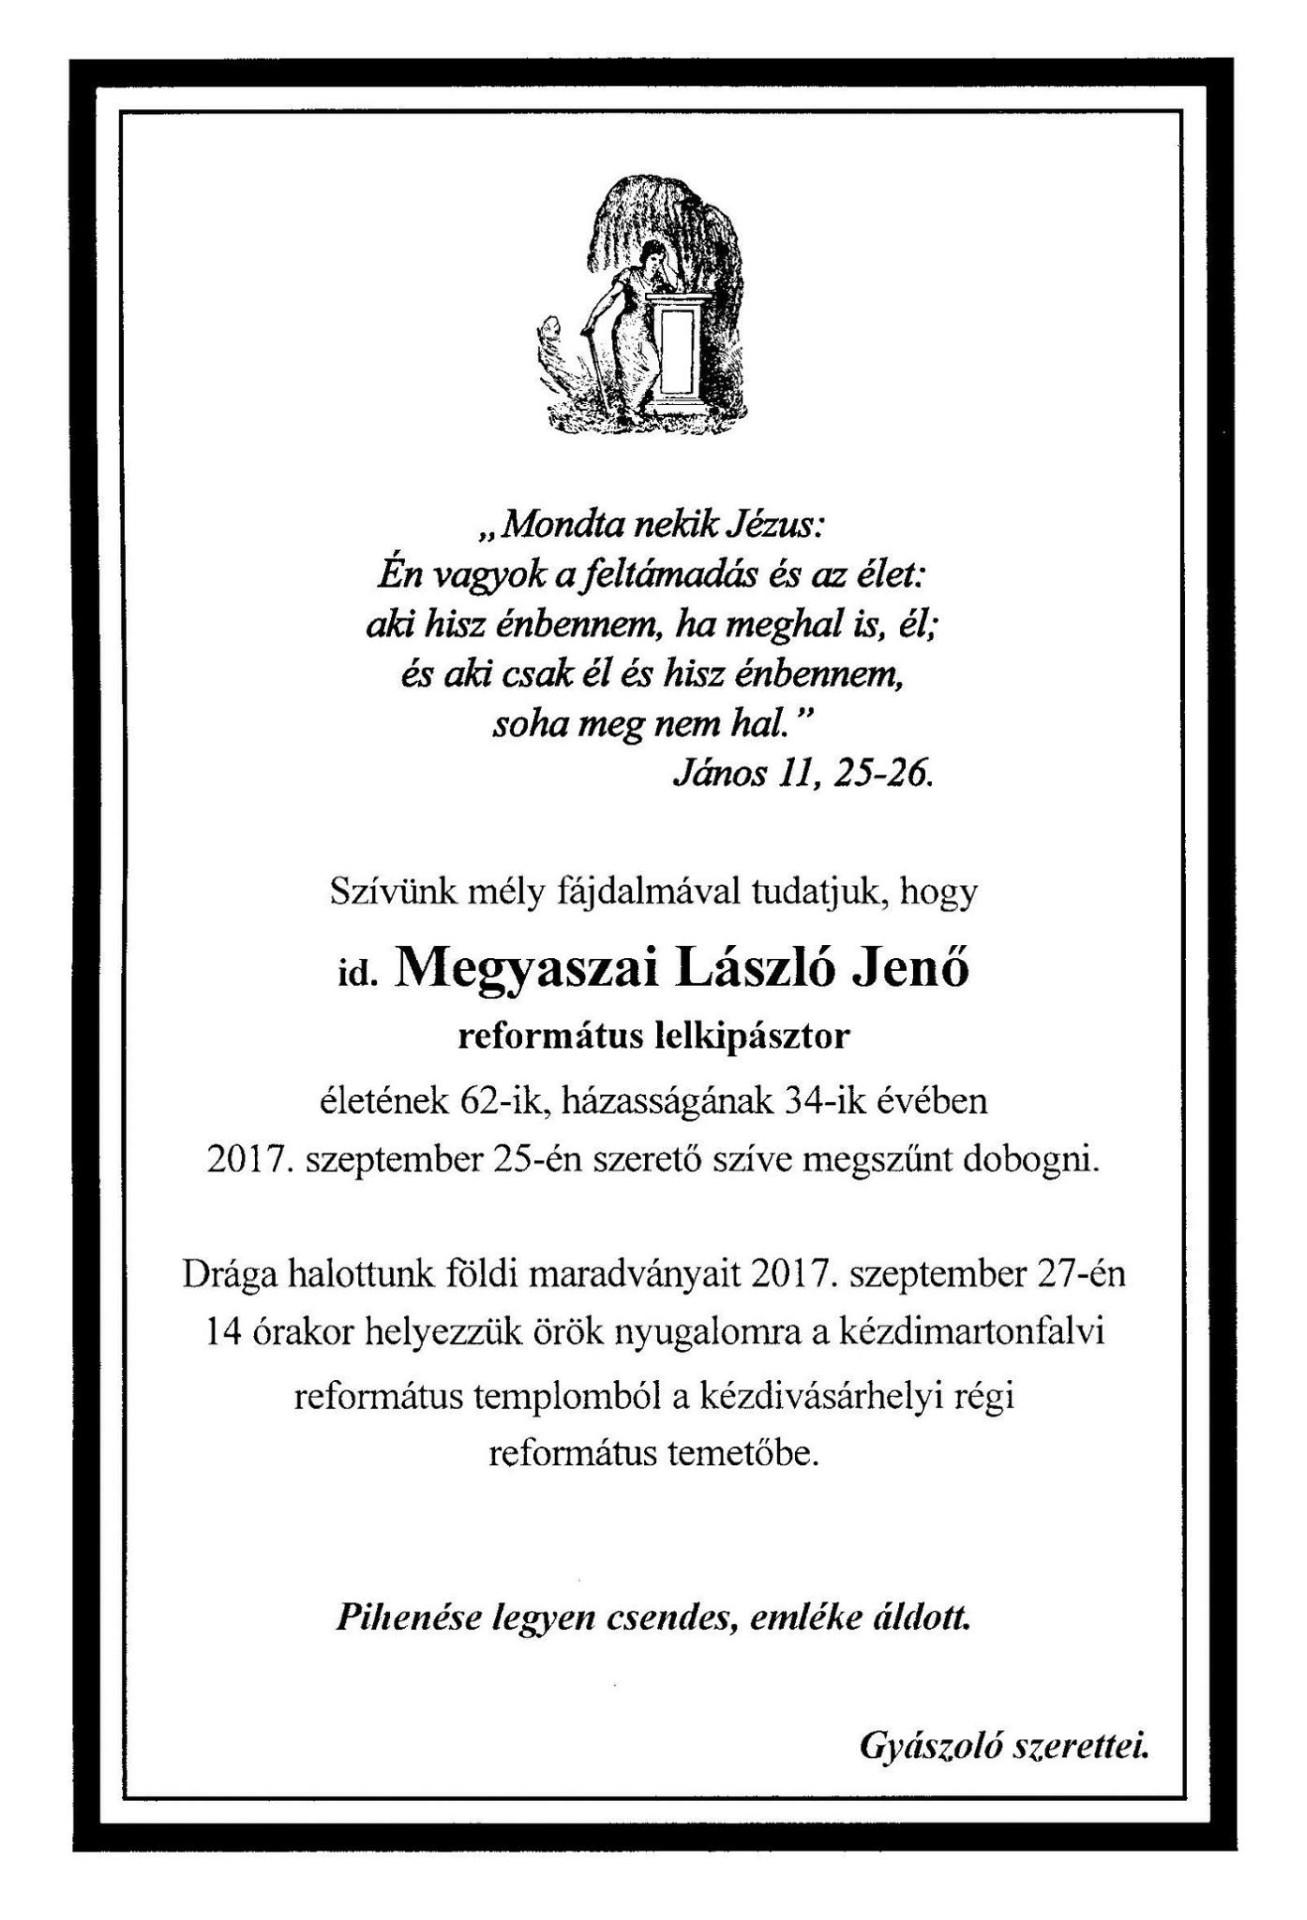 Gyászjelentés - id. Megyasszai László Jenő